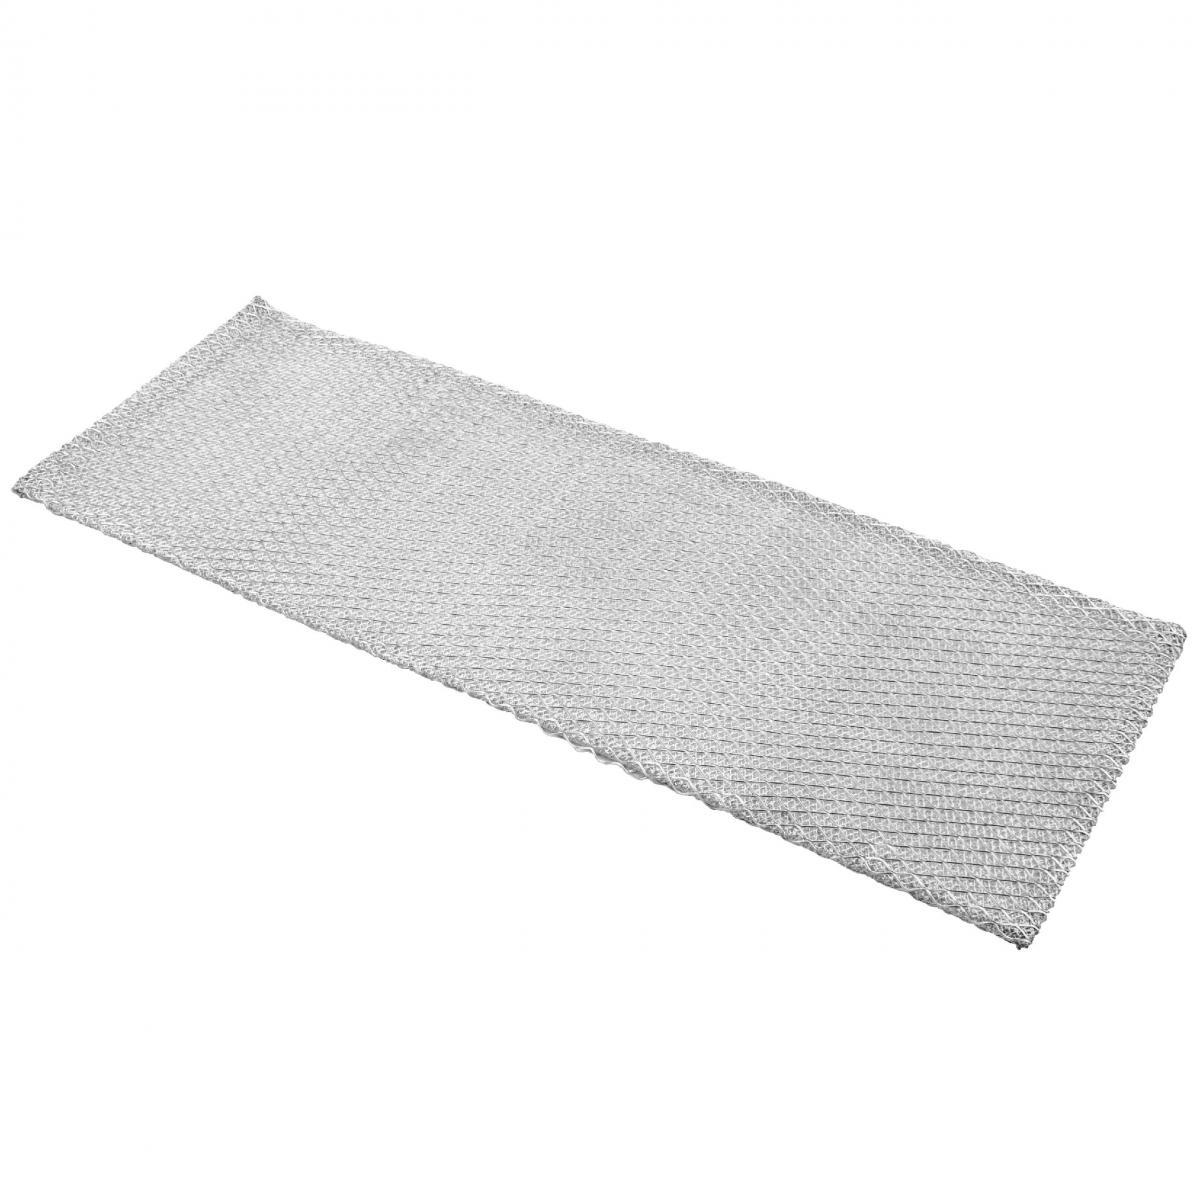 Vhbw vhbw Filtrepermanent filtre à graisse métallique 45,2 x 16 x 0,35 cm convient pour Bauknecht DNO 3260 857415101020 hotte